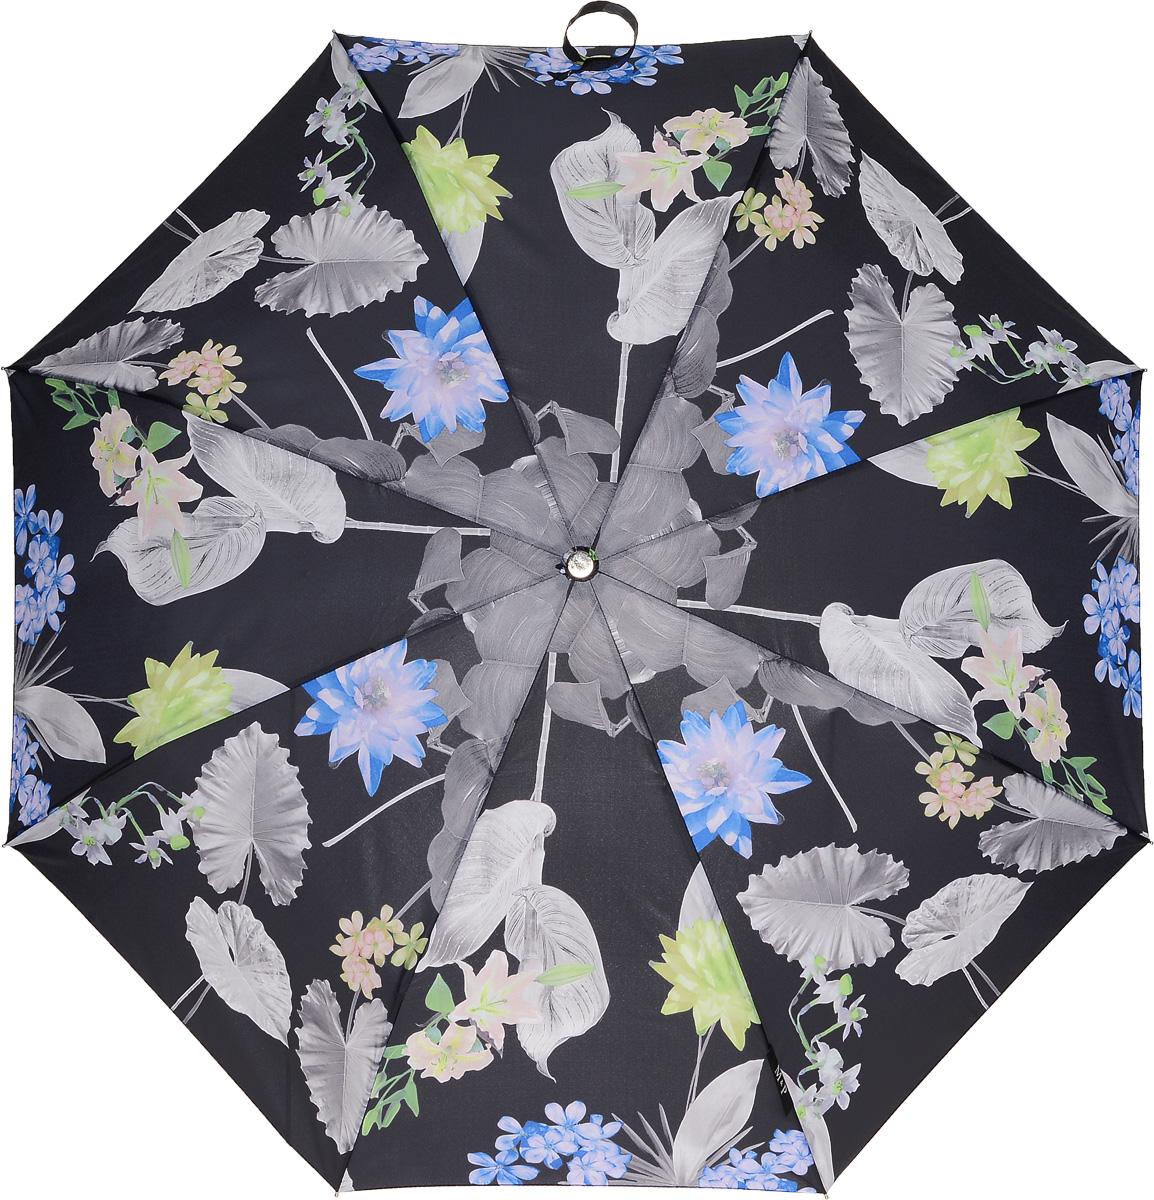 M&P 5863-1 Зонт полный автом. 3 сл. жен.5863-1Зонт испанского производителя Clima. В производстве зонтов используются современные материалы, что делает зонты легкими, но в то же время крепкими.Полный автомат, 3 сложения, 8 спиц, полиэстер.